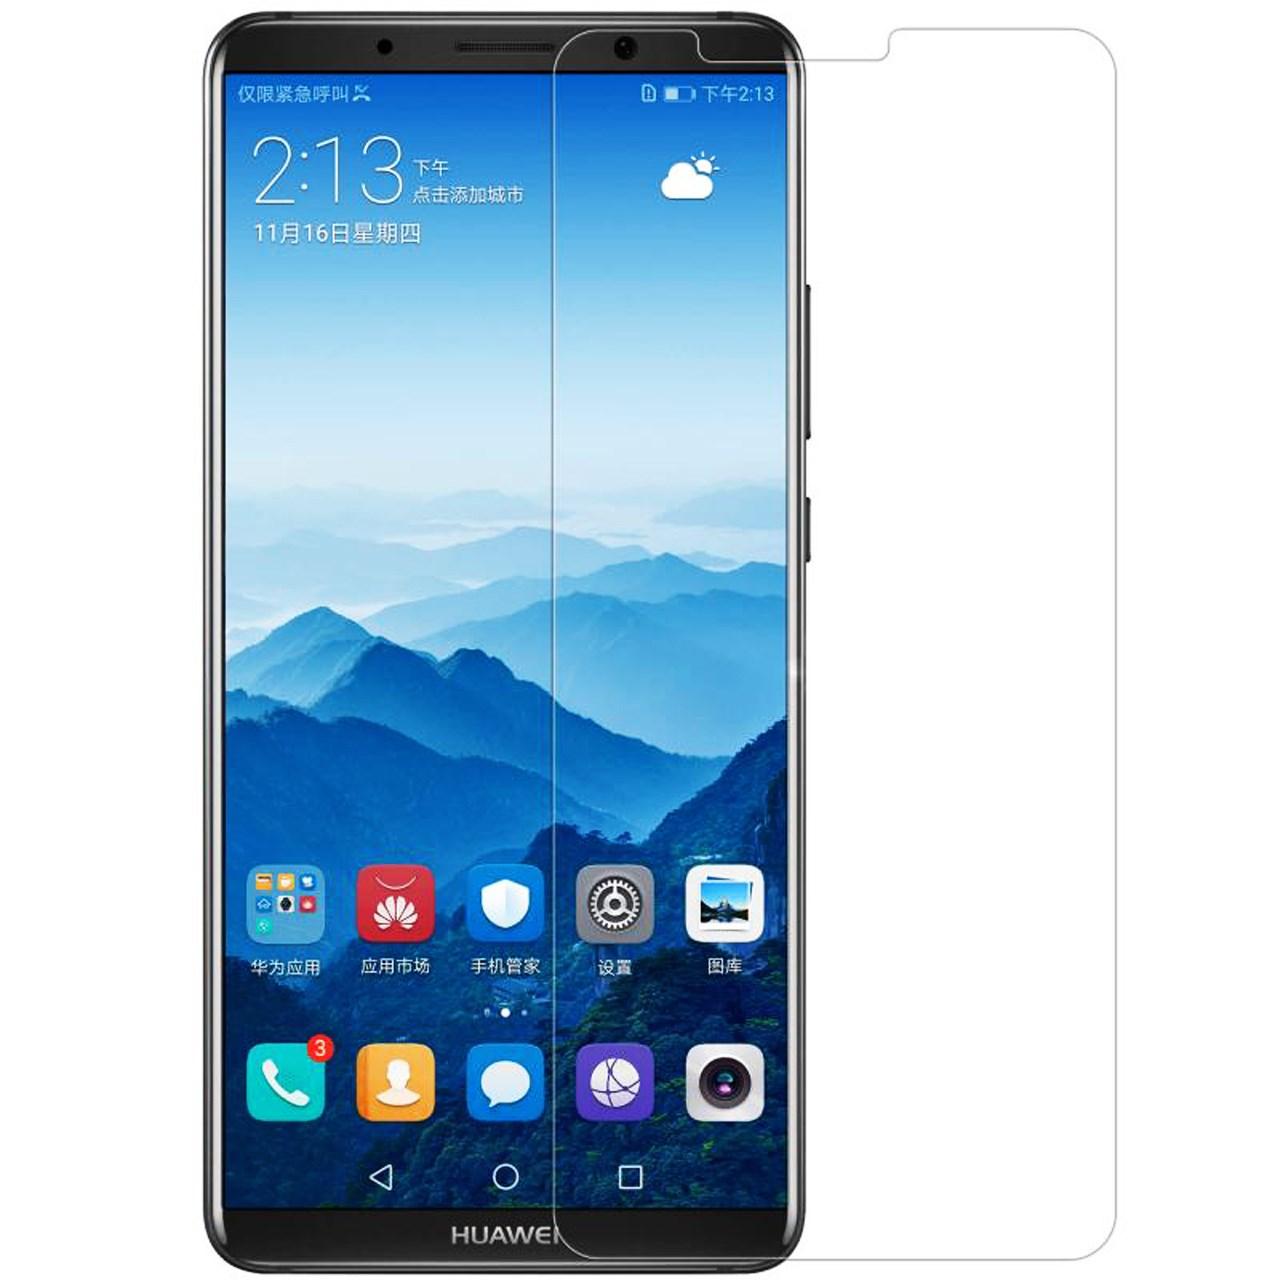 محافظ صفحه نمایش شیشه ای مدل Tempered مناسب برای گوشی موبایل هواوی Mate 10 Pro